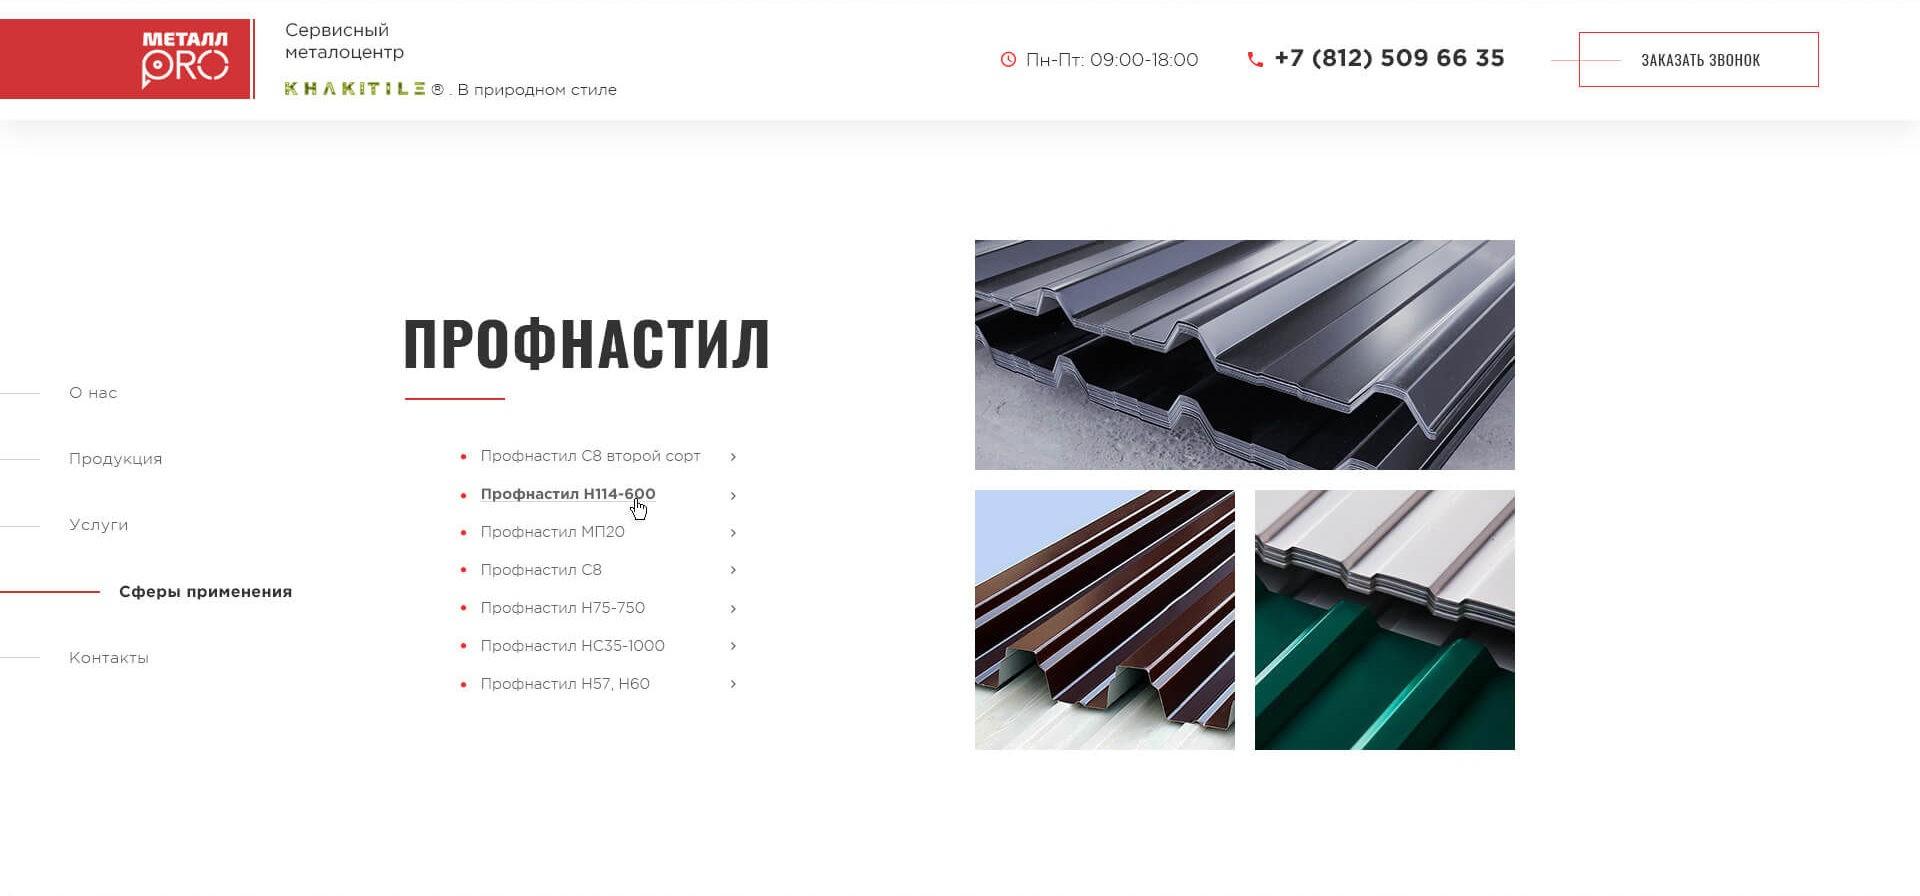 03_metallspb_catalog_(2)